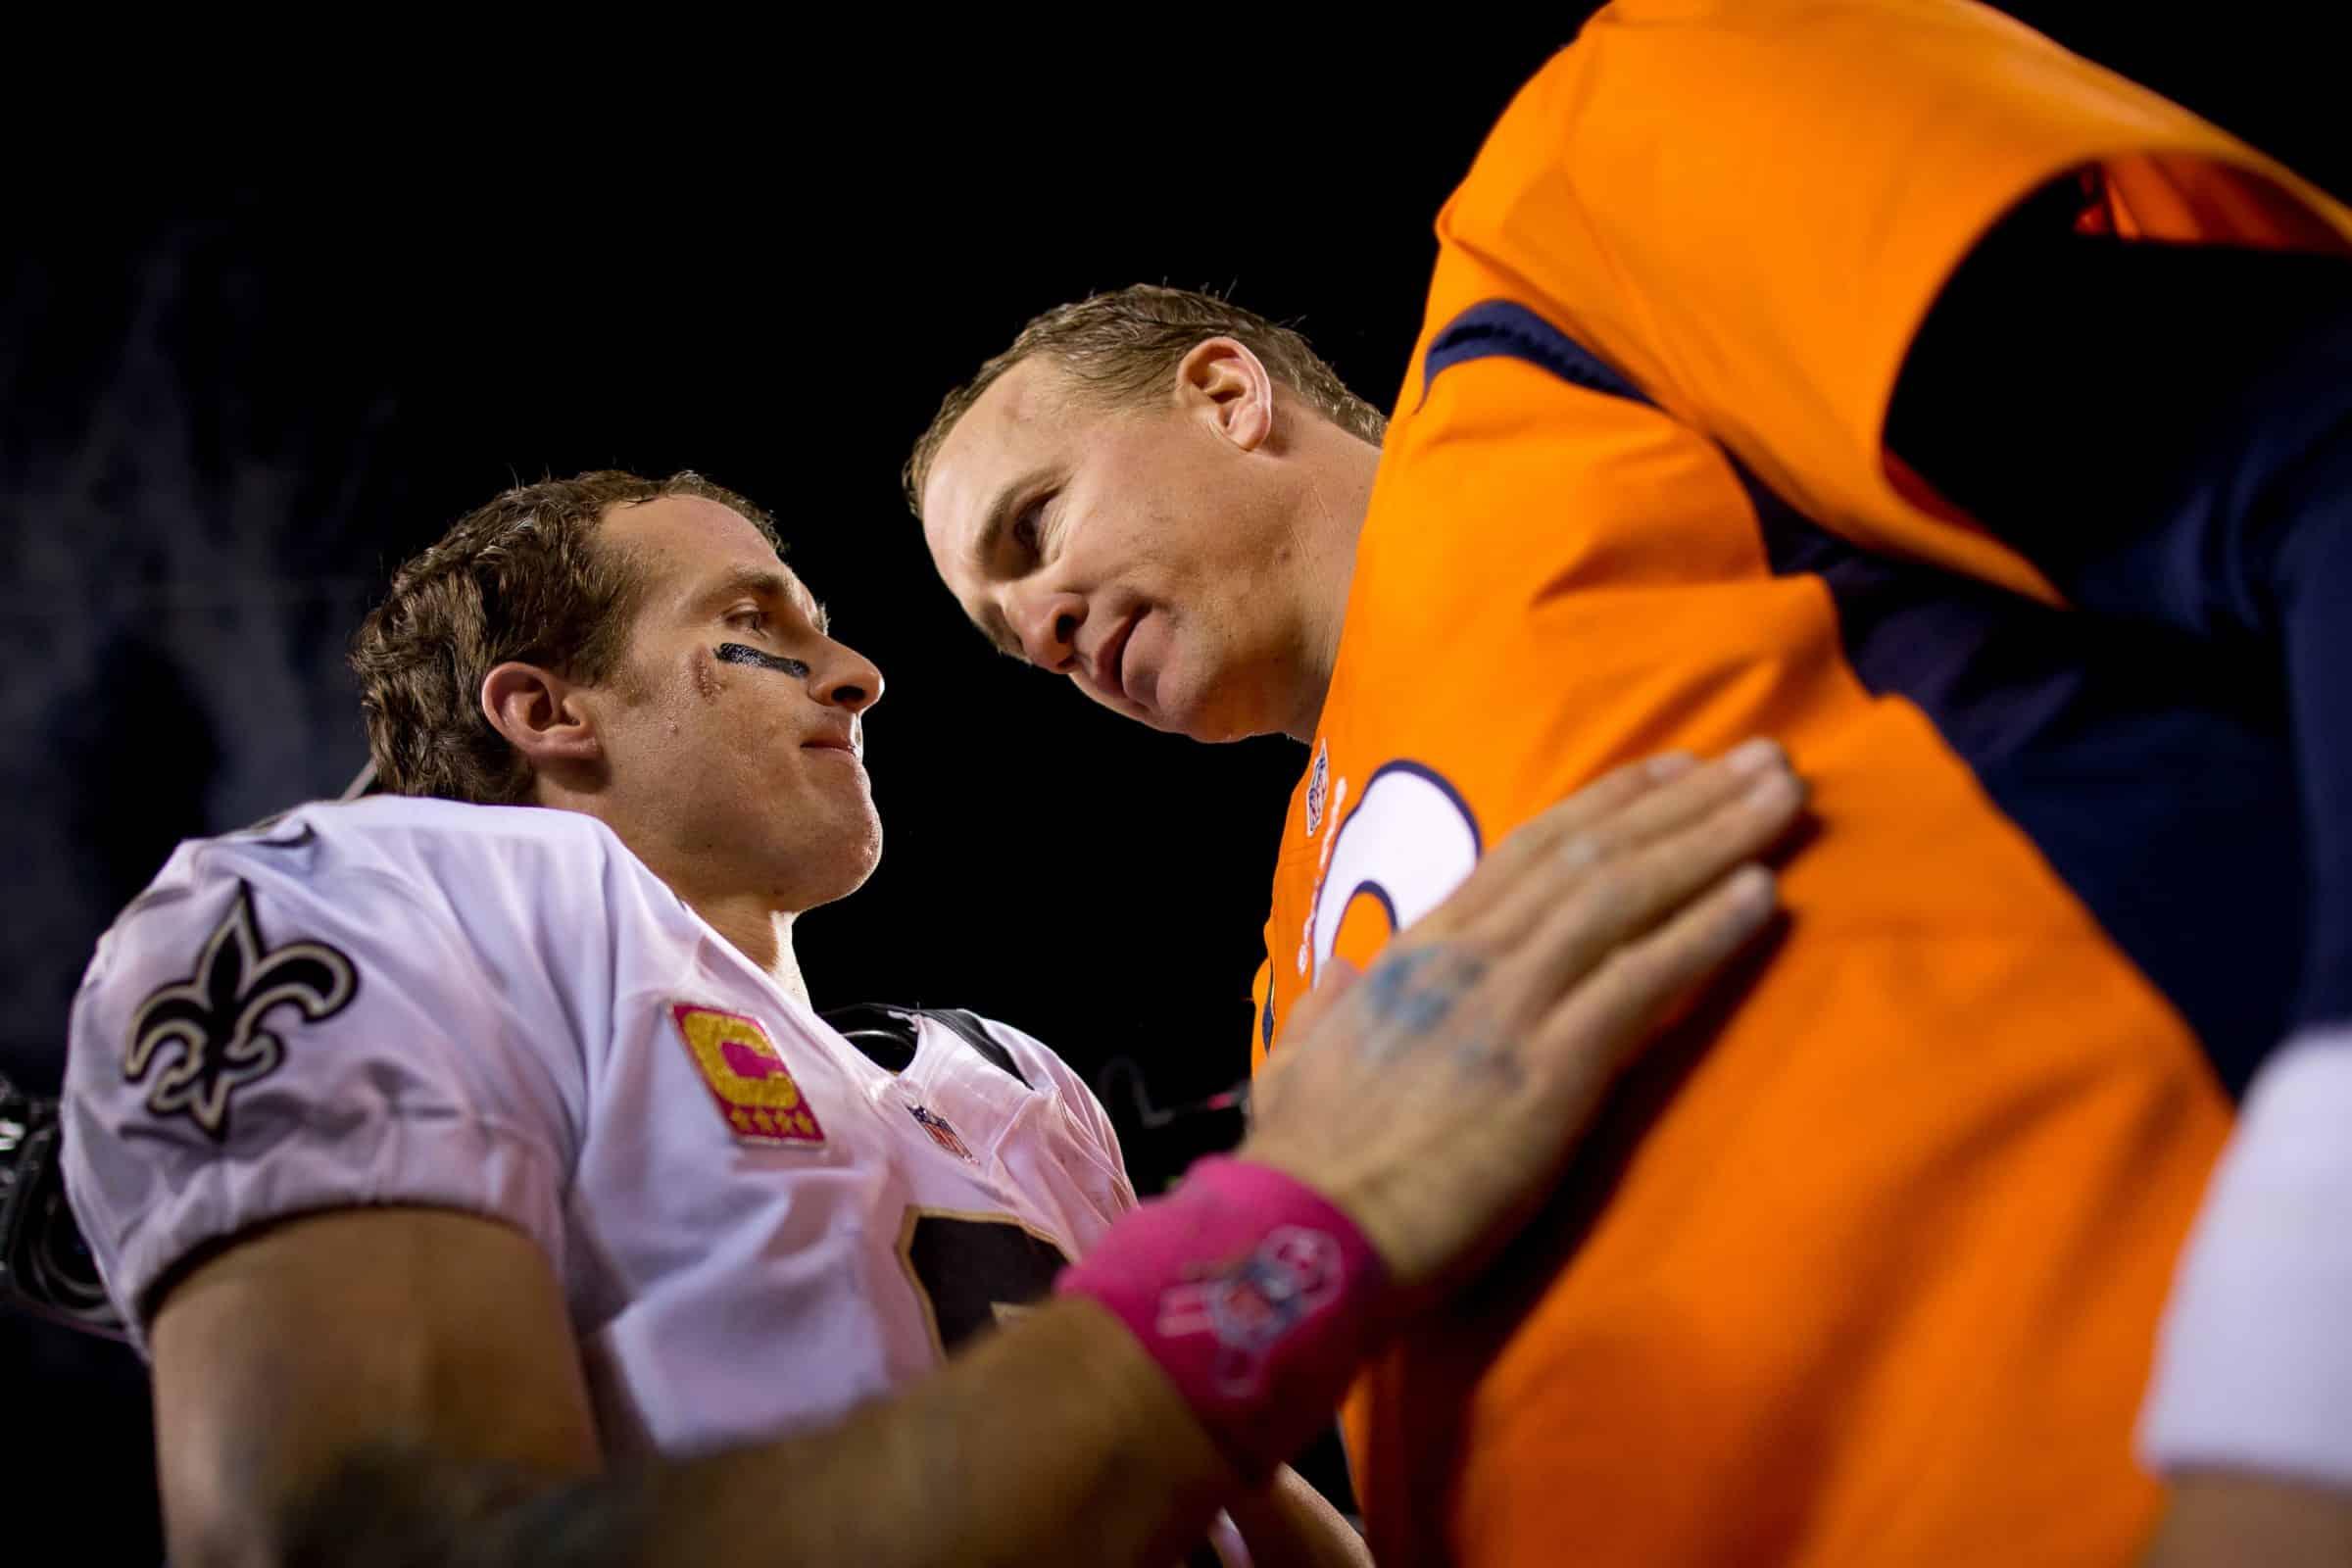 Drew Brees, Peyton Manning